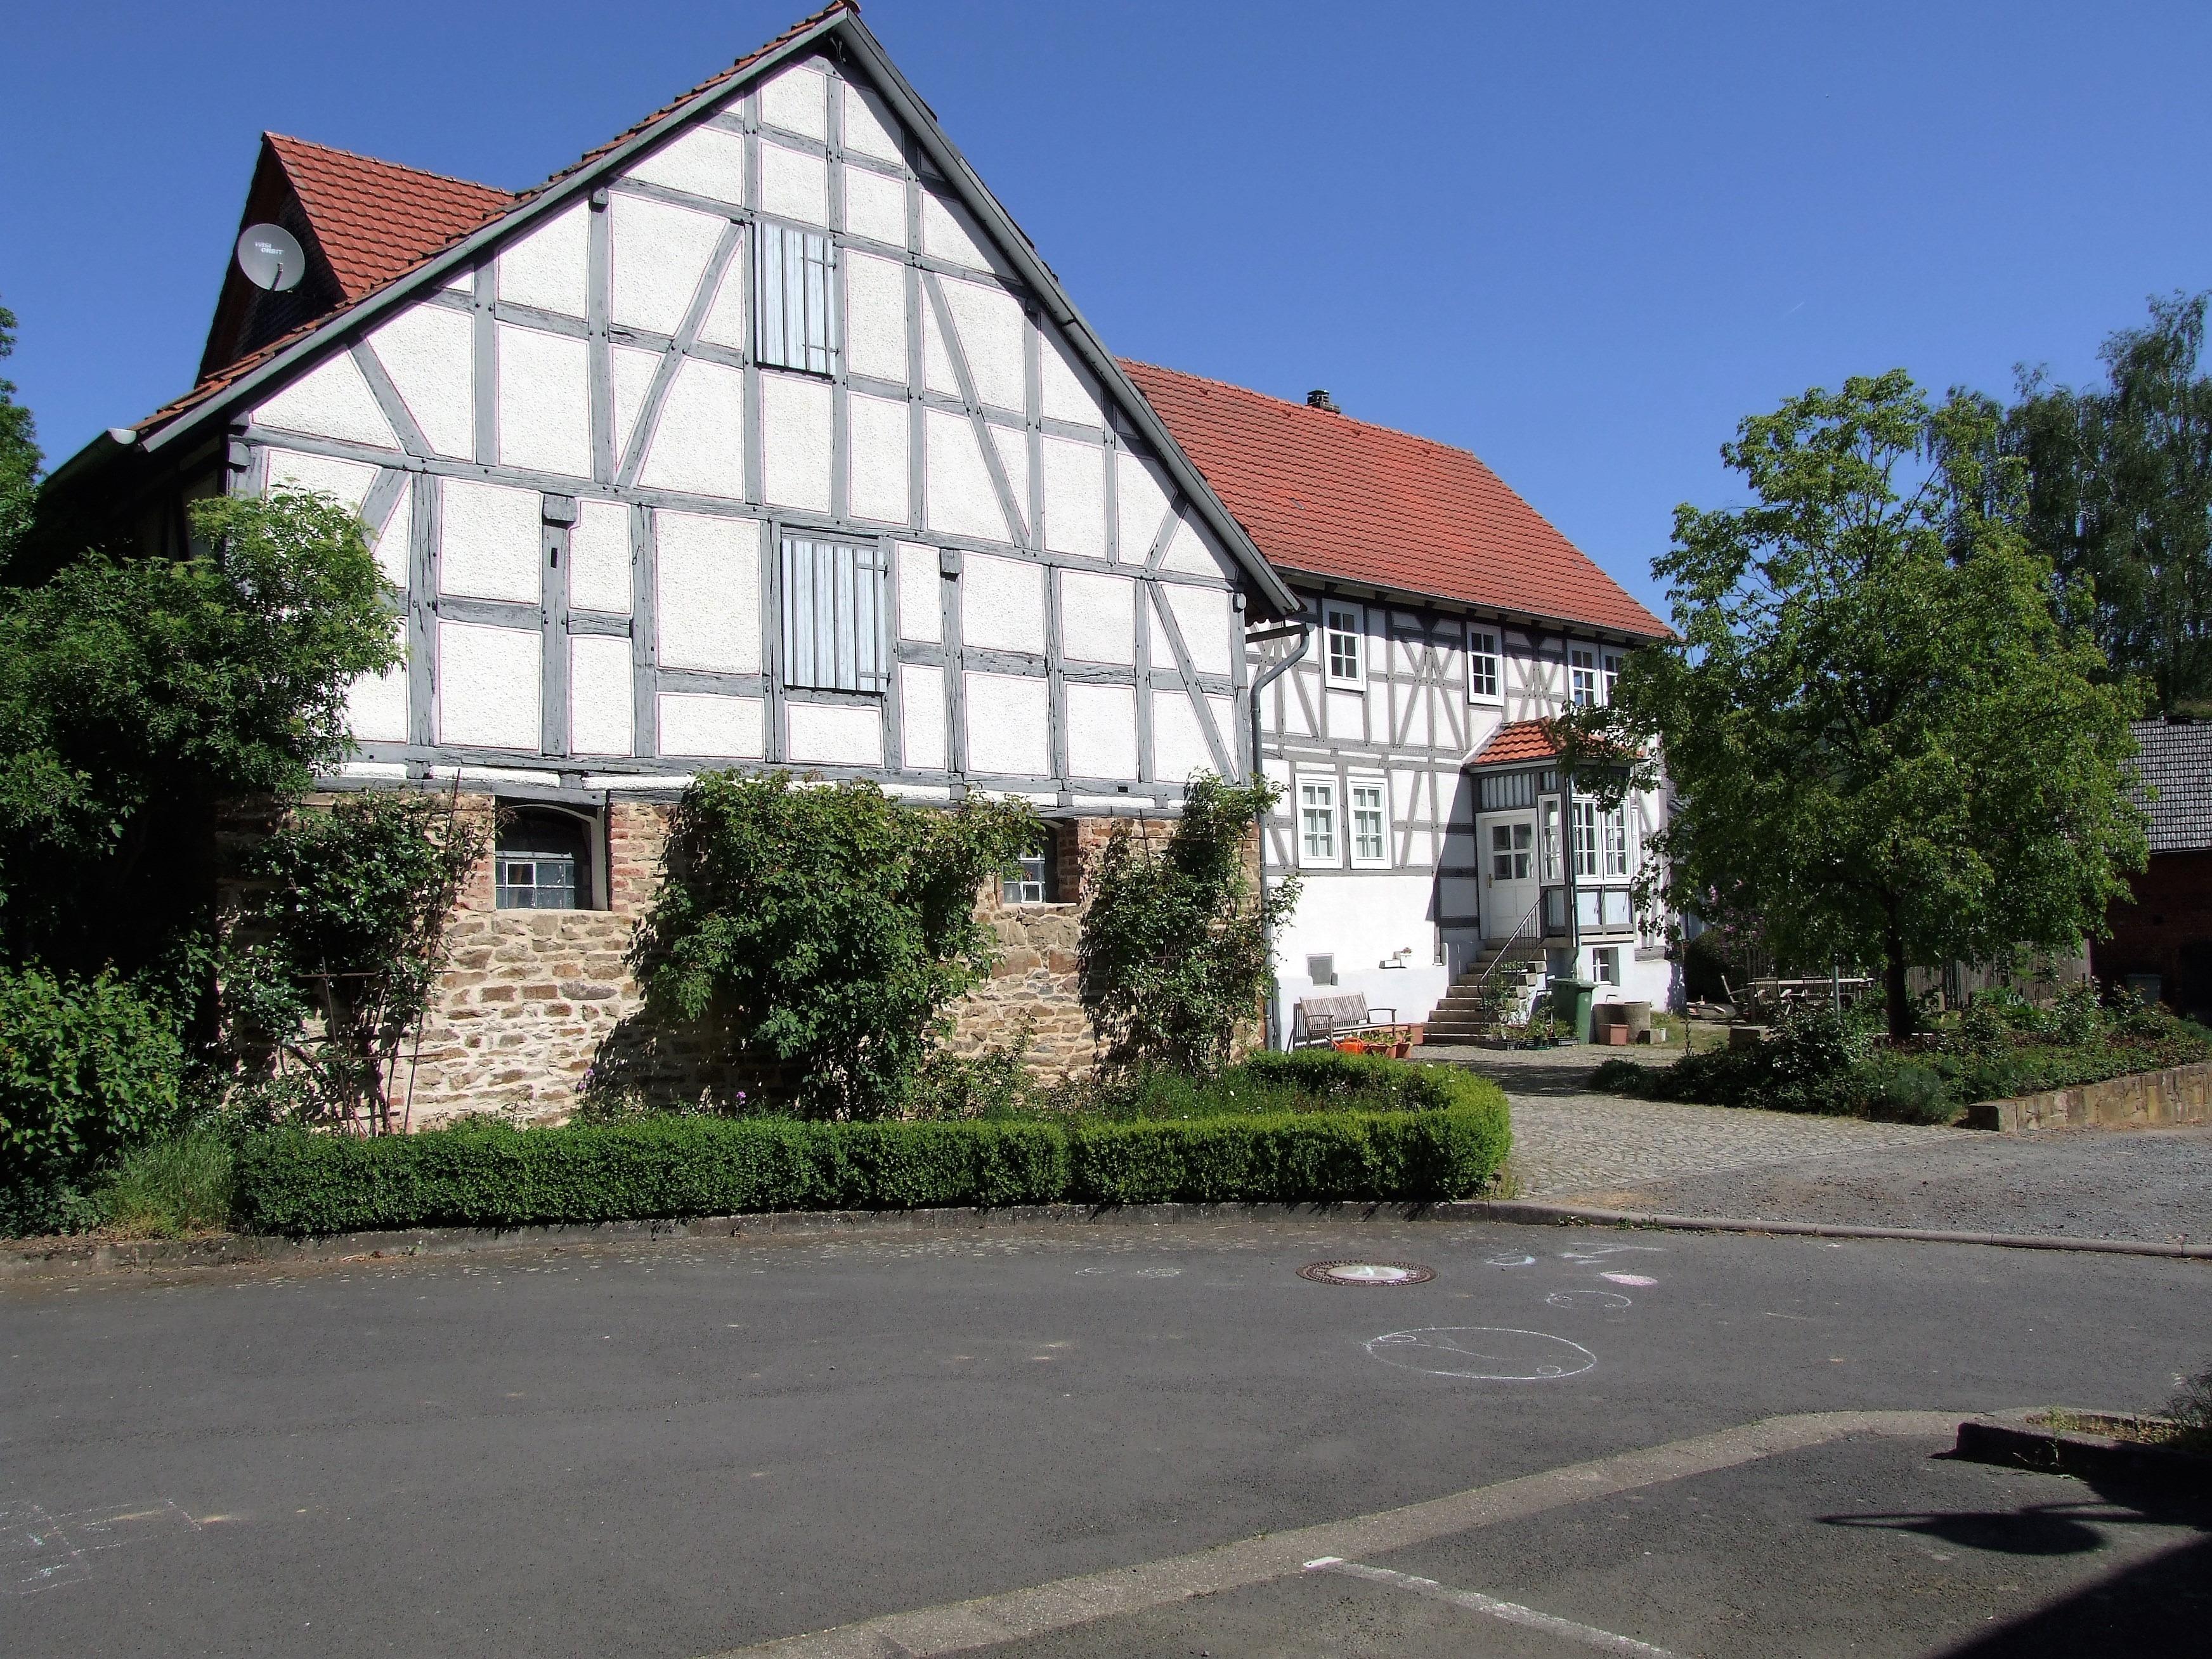 Ein liebevoll restaurierter ehemaliger Bauernhof in Hemfurth. (Foto: Uli Klein)